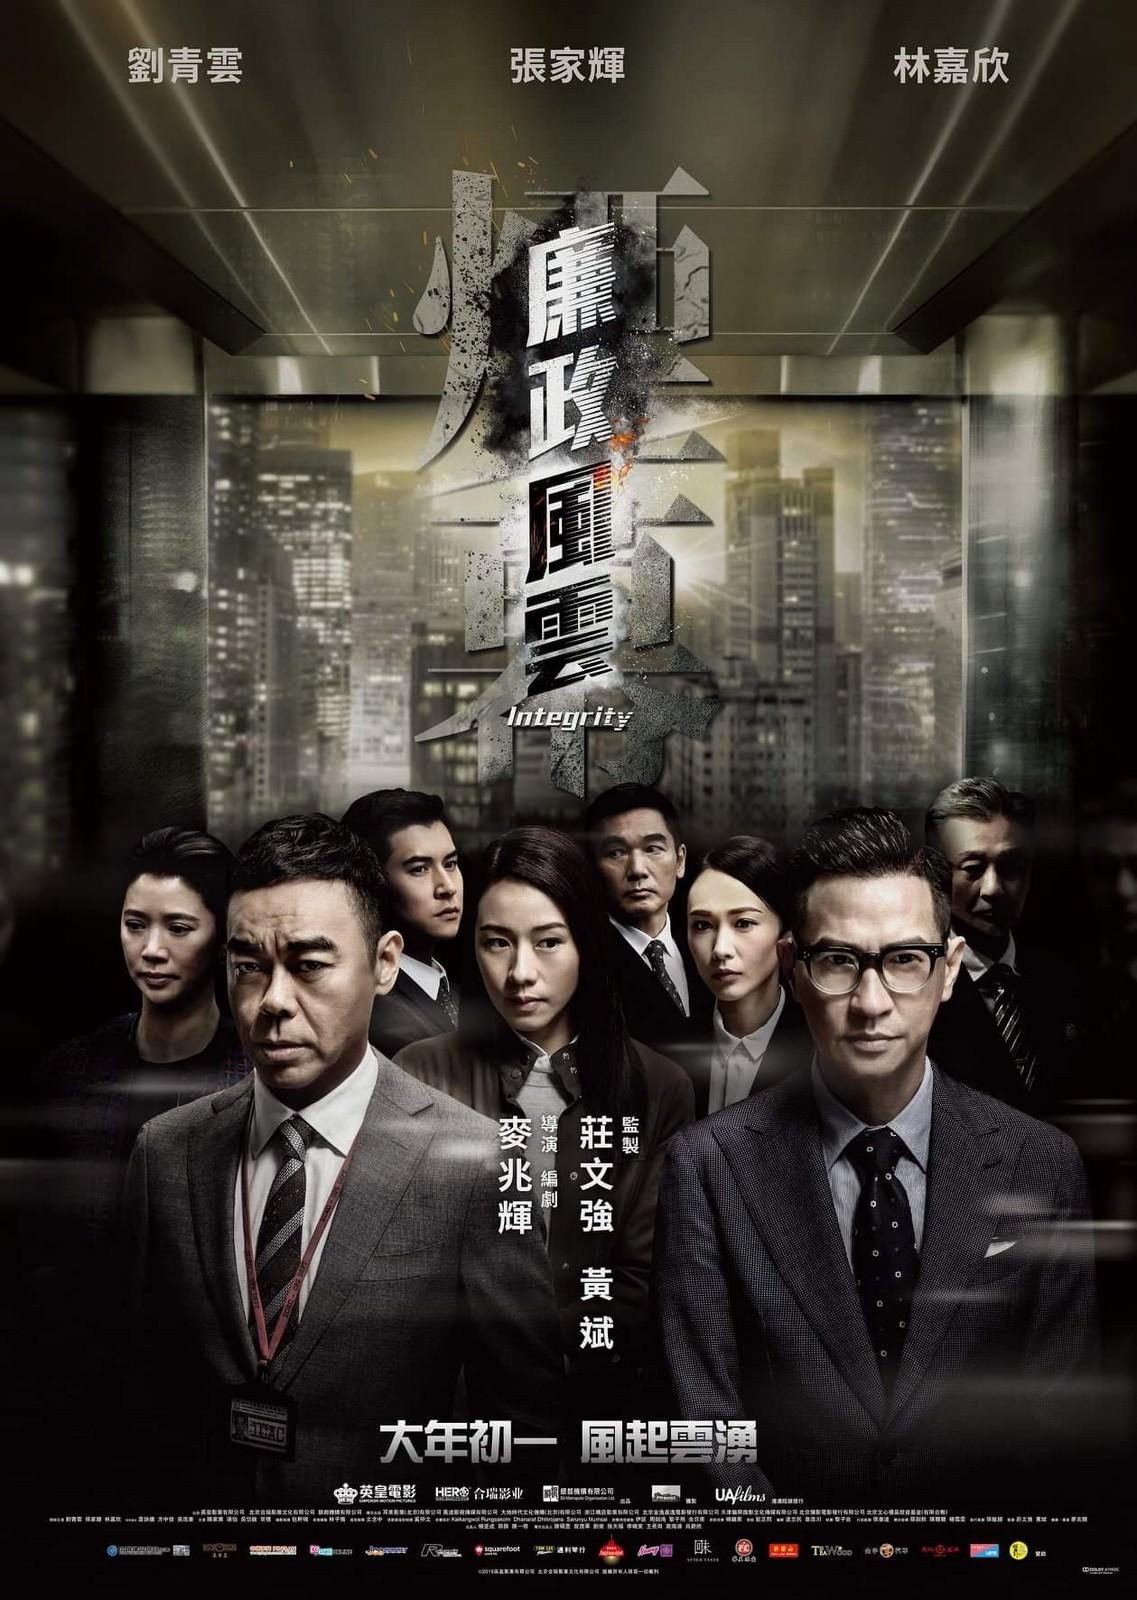 Movie, 廉政風雲 煙幕(香港, 2019年) / 廉政風雲 煙幕(台灣) / 廉政风云(中國) / Integrity(英文), 電影海報, 香港